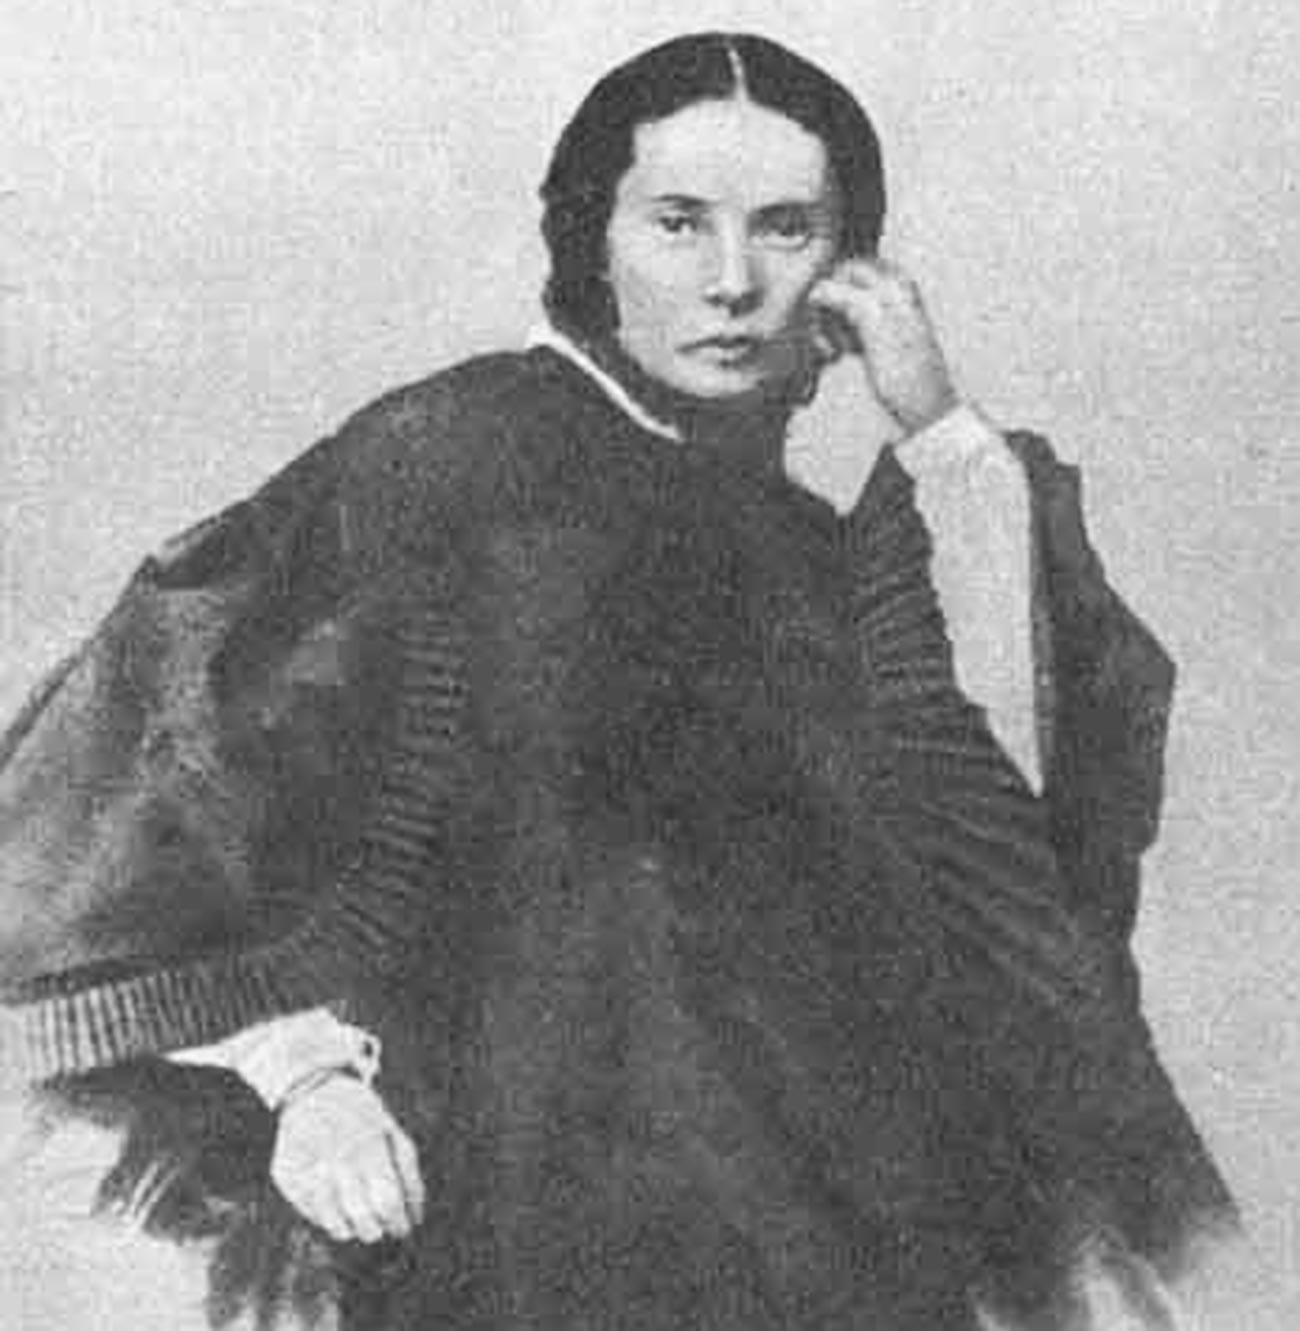 Marija Dmitrijevna Dostojevskaja